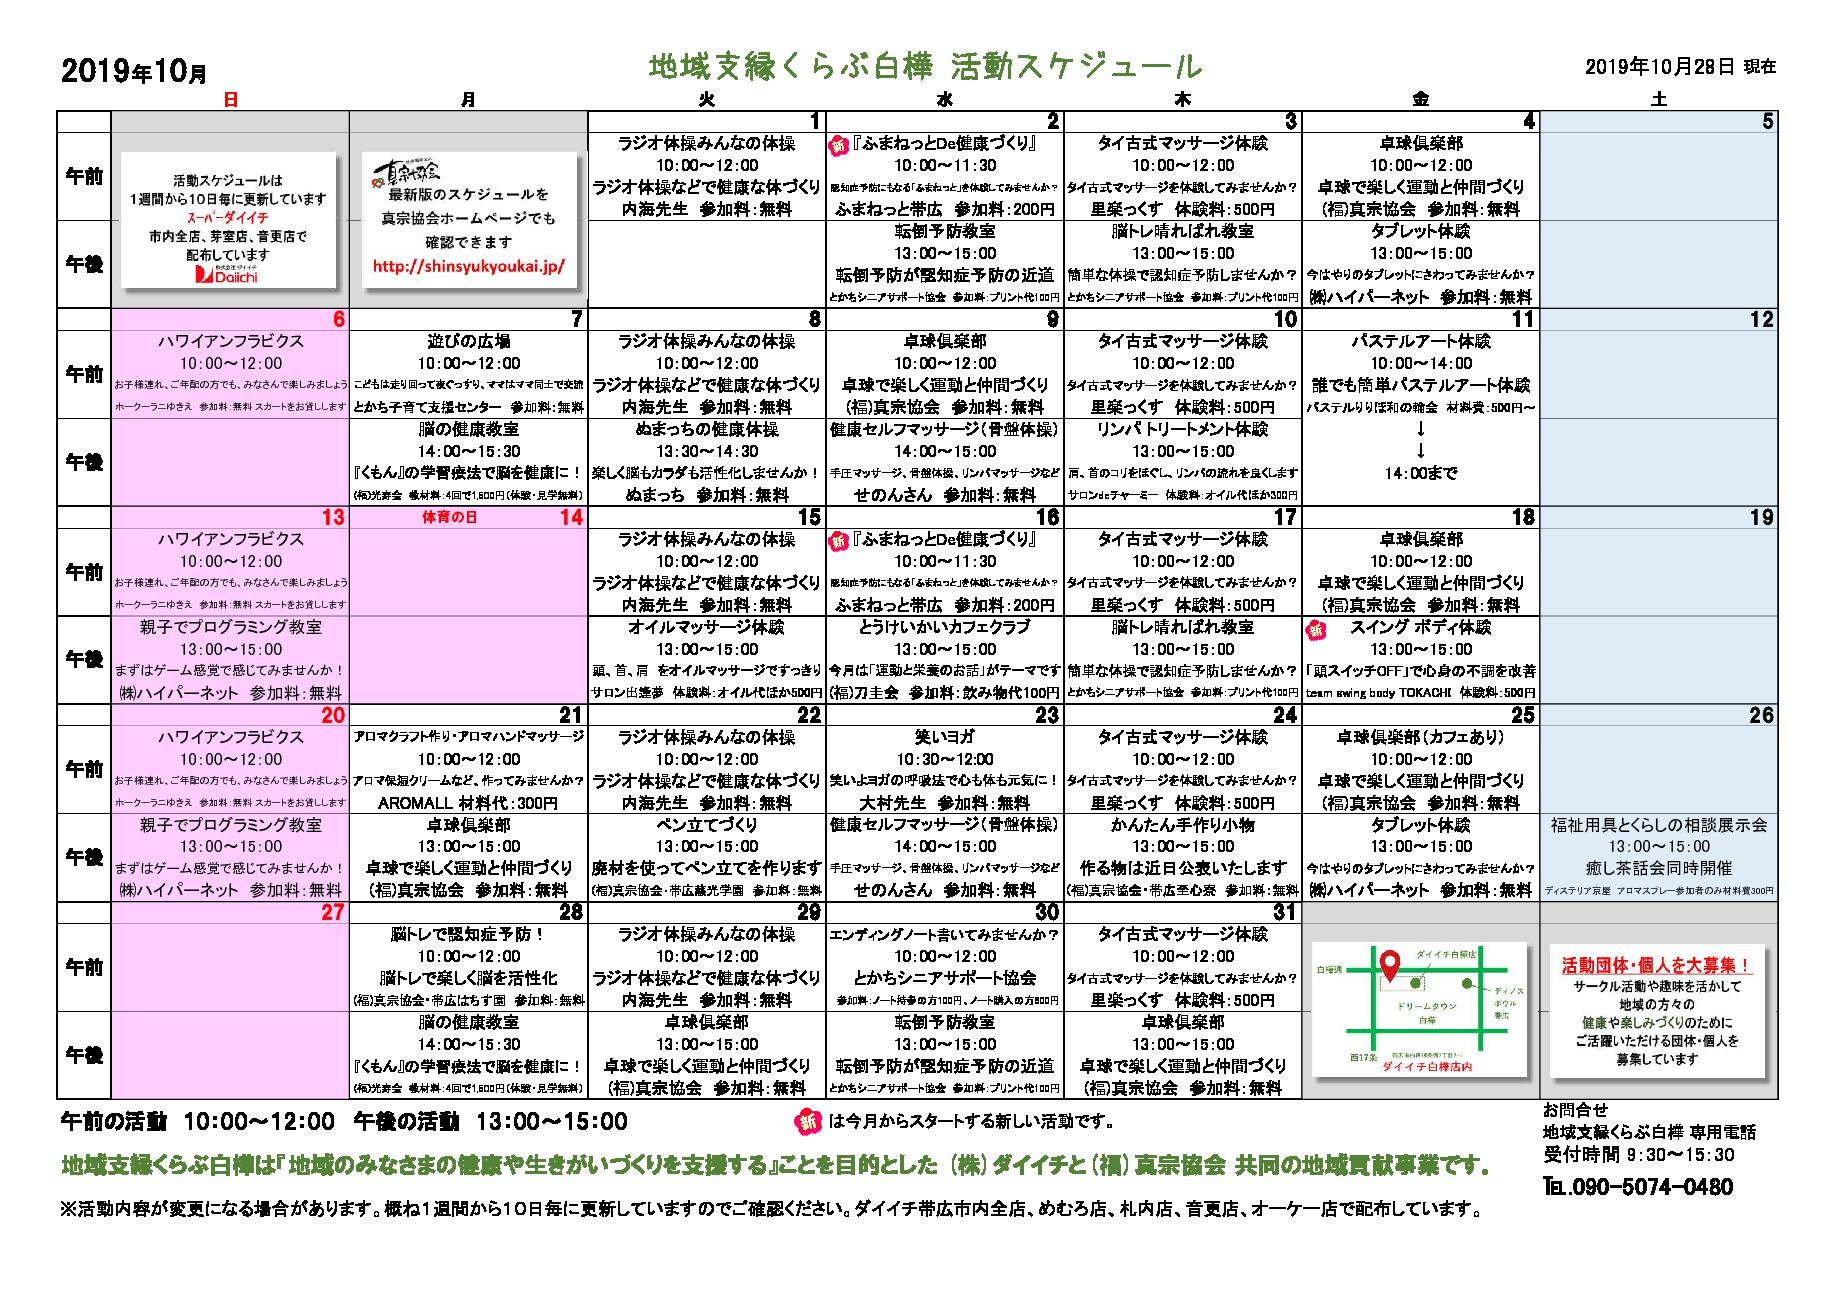 2019活動スケジュール10(2019.10.28付)のサムネイル